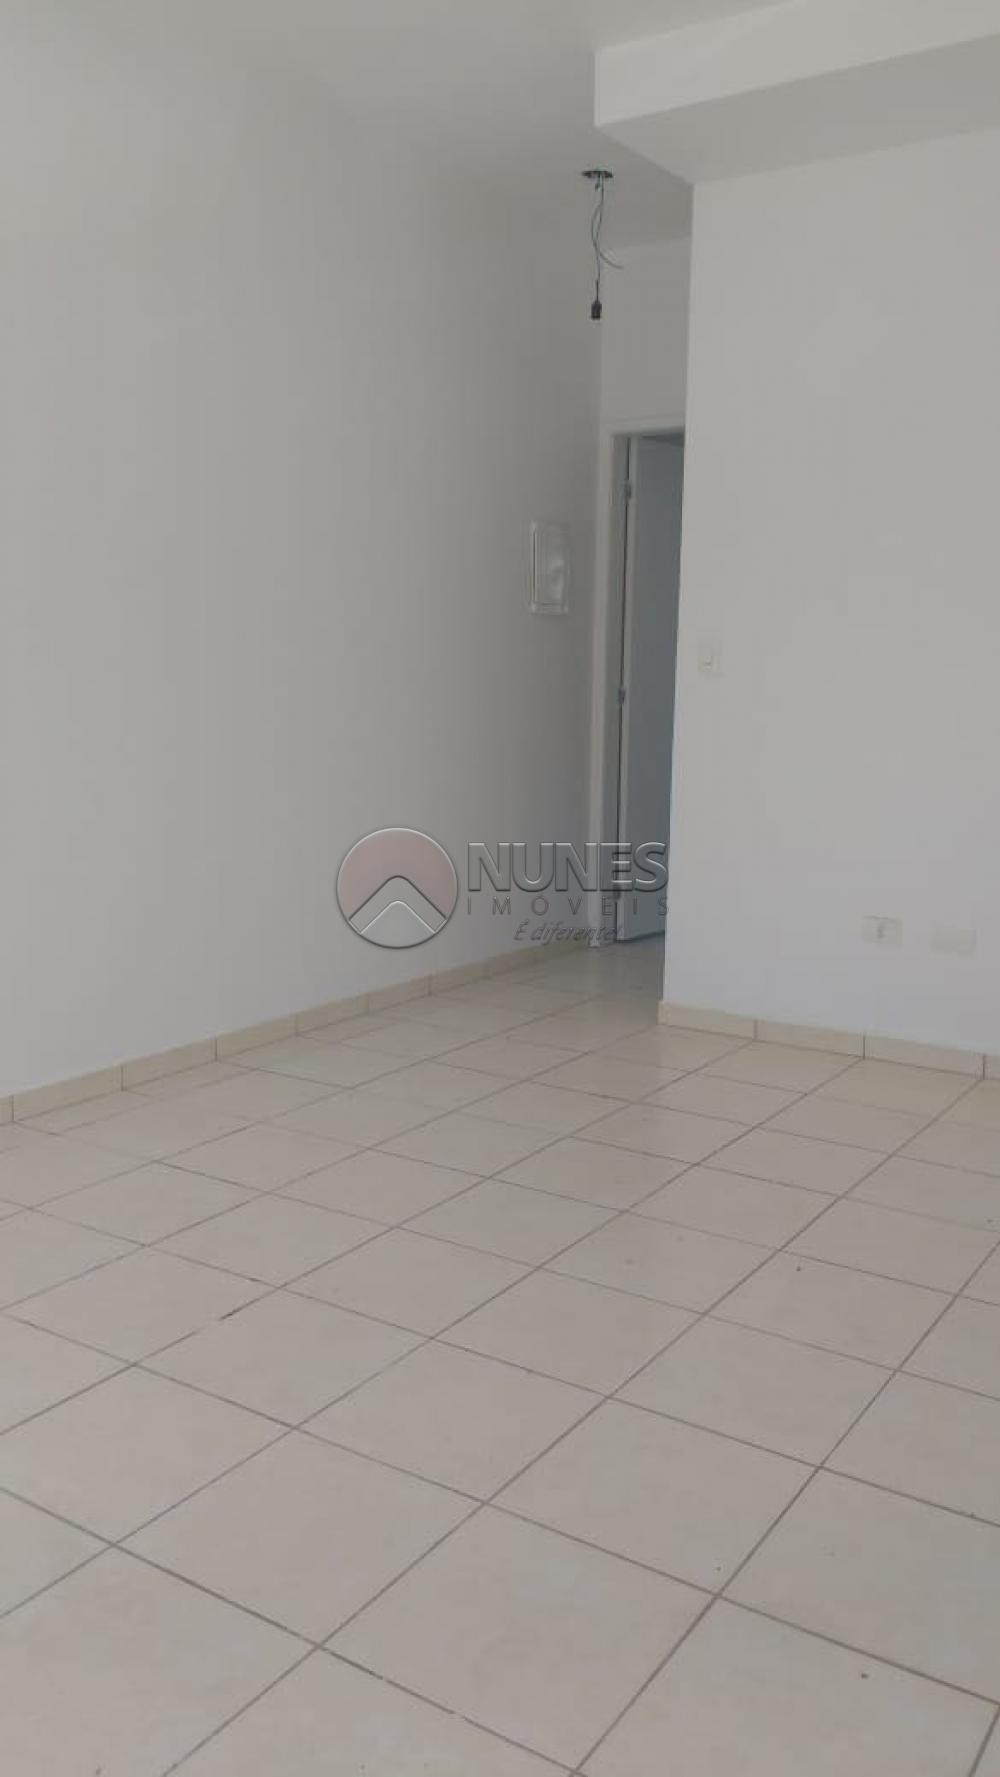 Comprar Casa / Cond.fechado em Carapicuíba apenas R$ 250.000,00 - Foto 16